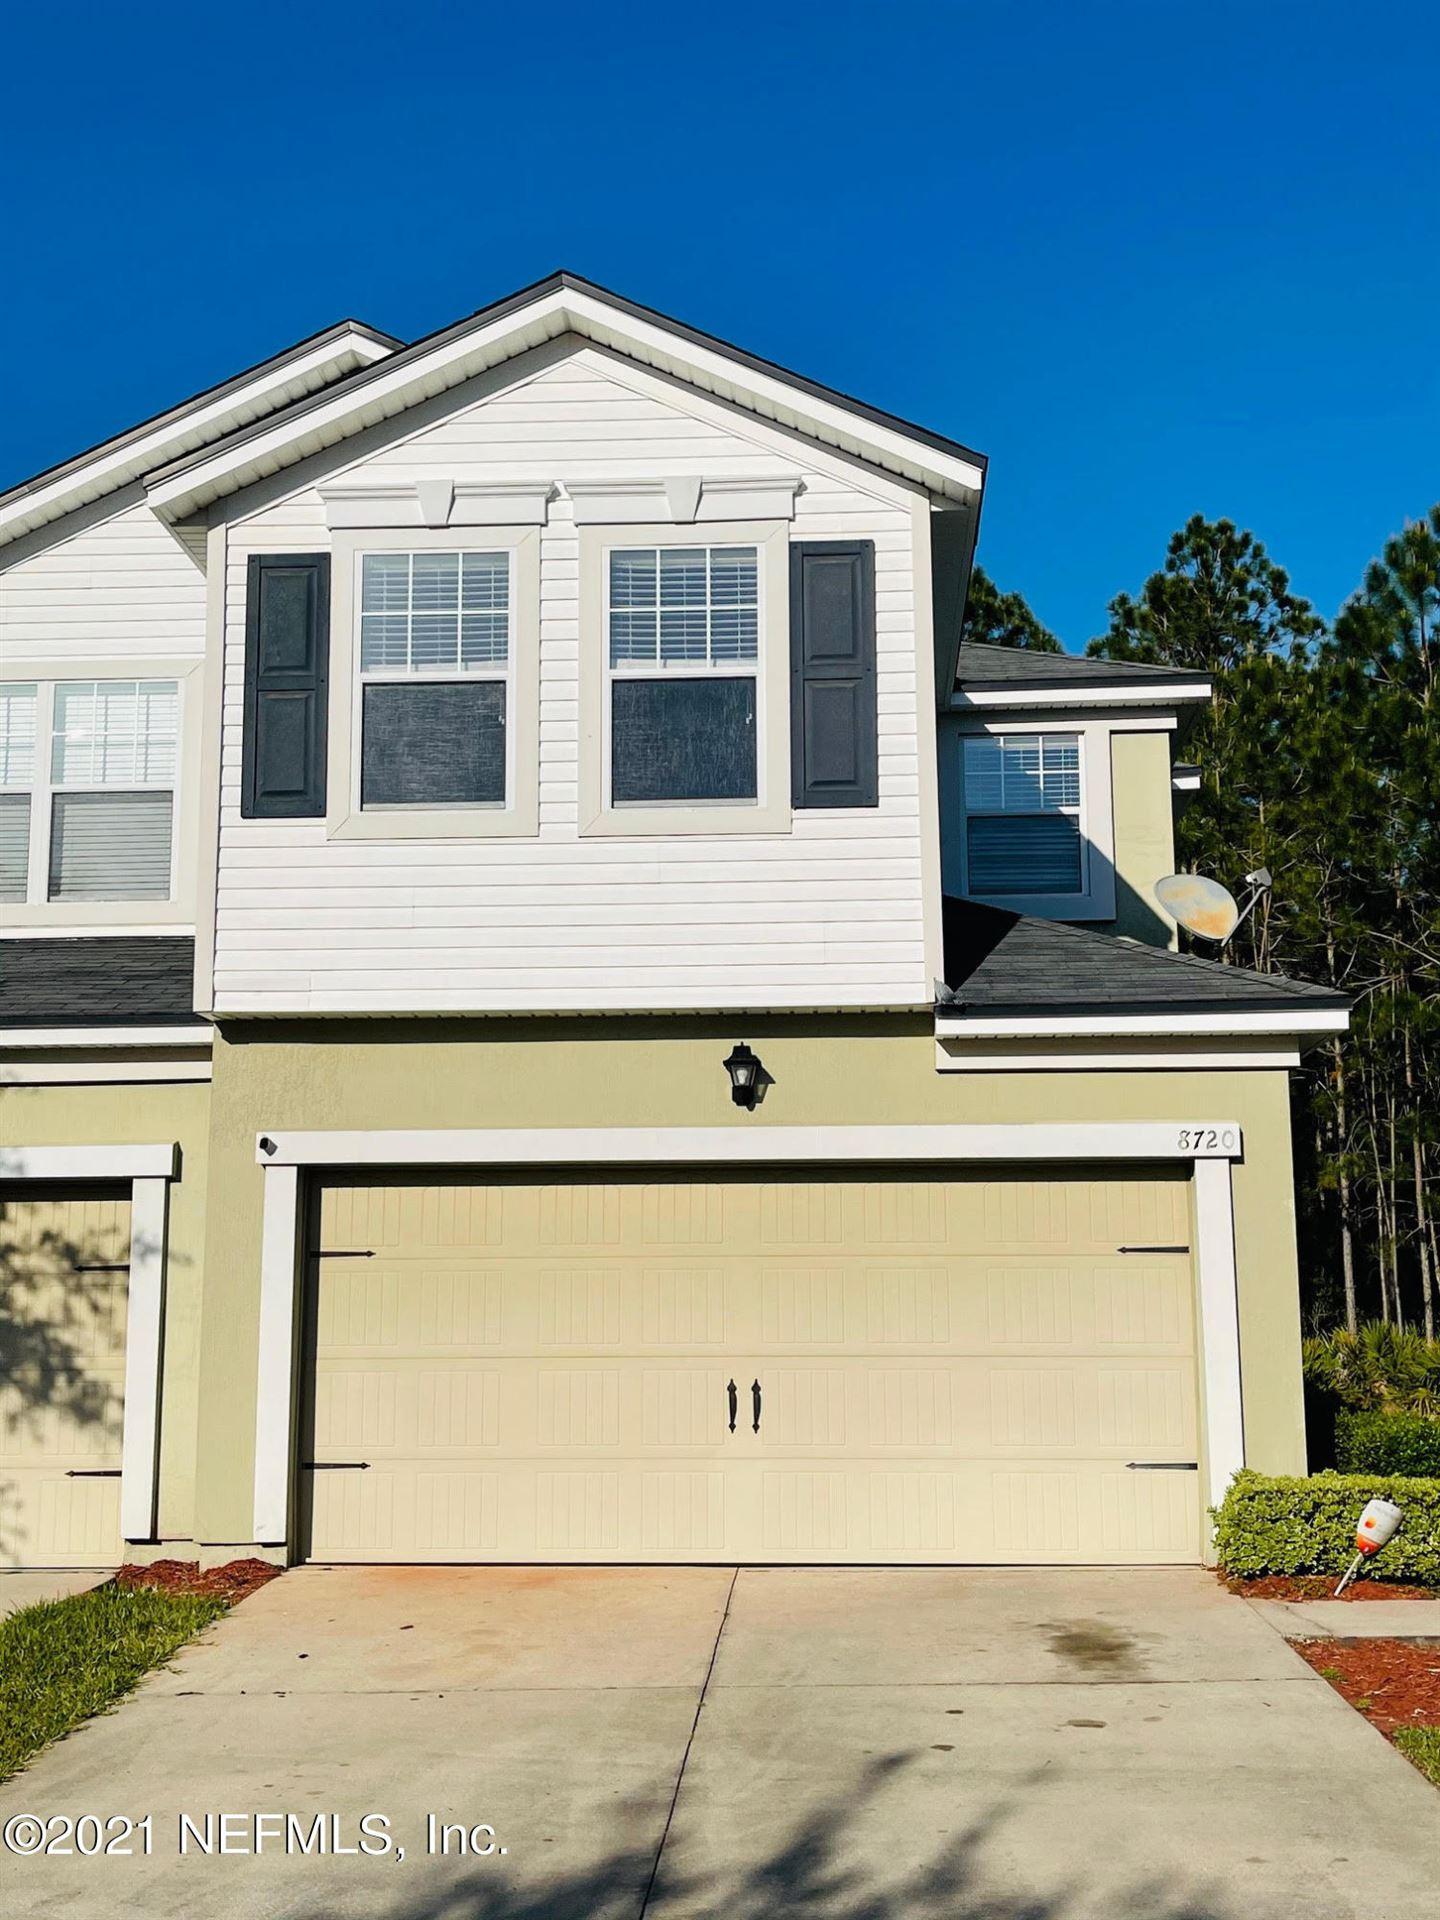 8720 RIBBON FALLS LN #Unit No: 067 Lot No:, Jacksonville, FL 32244 - MLS#: 1100444